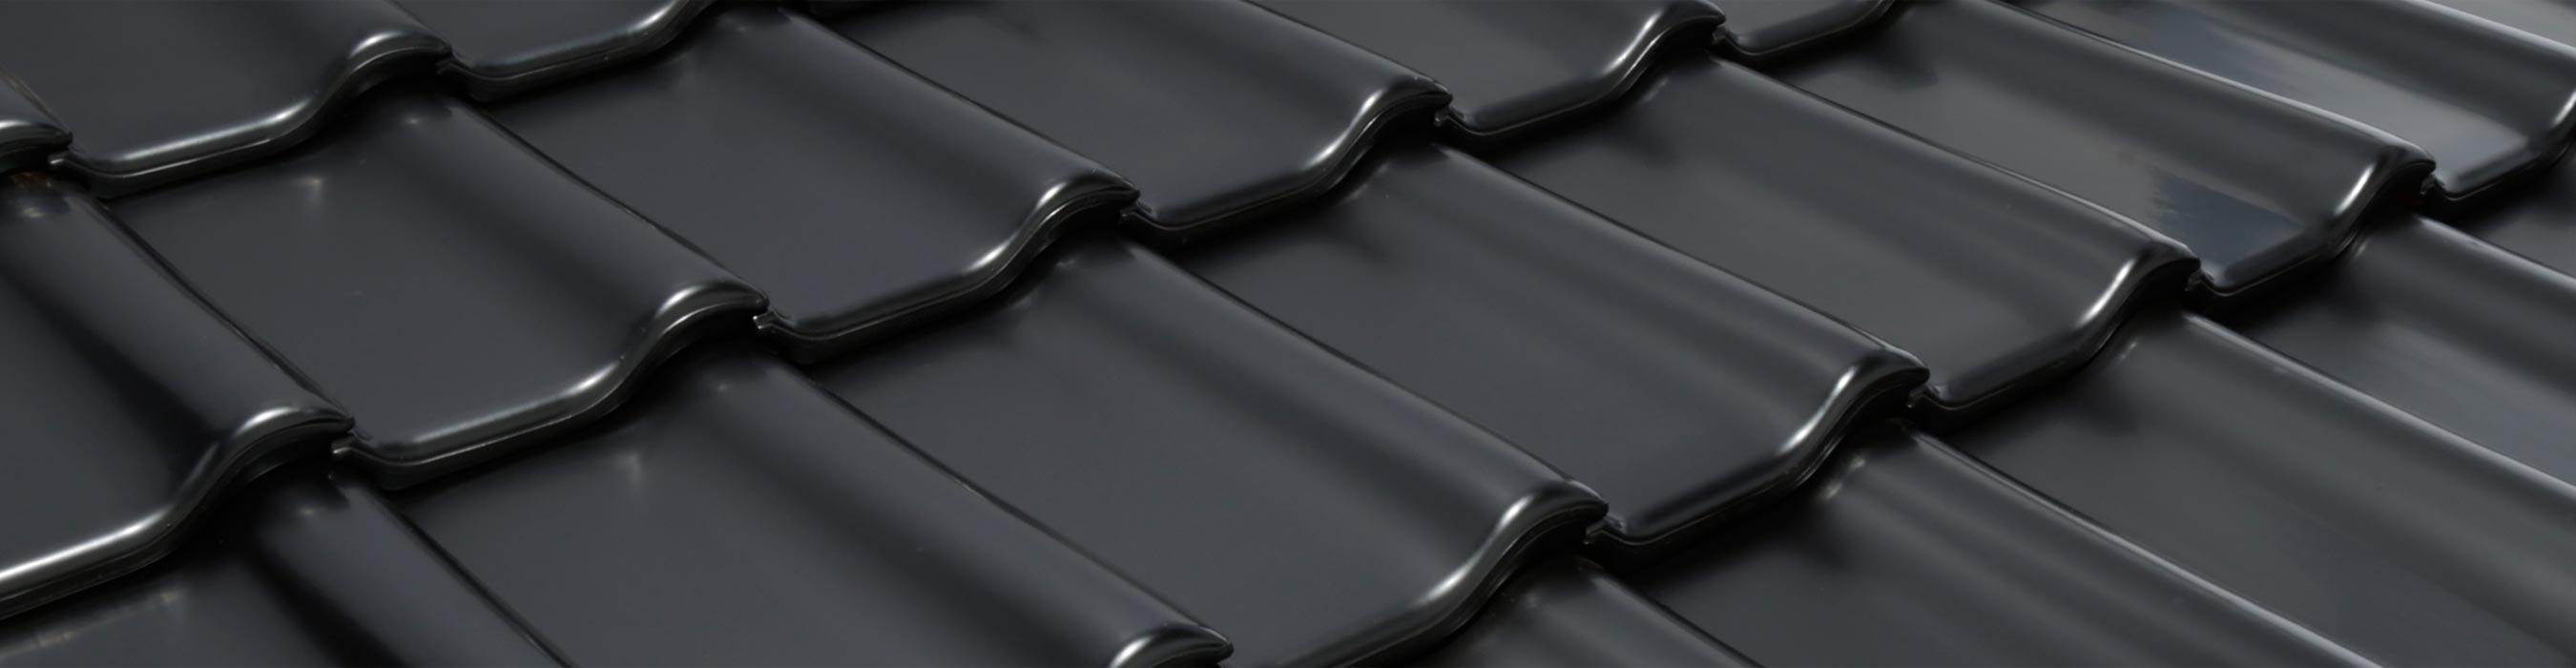 Laumans Dachziegel TIEFA SUPRA® in Farbe Nr. 40 – schwarz-satiniert